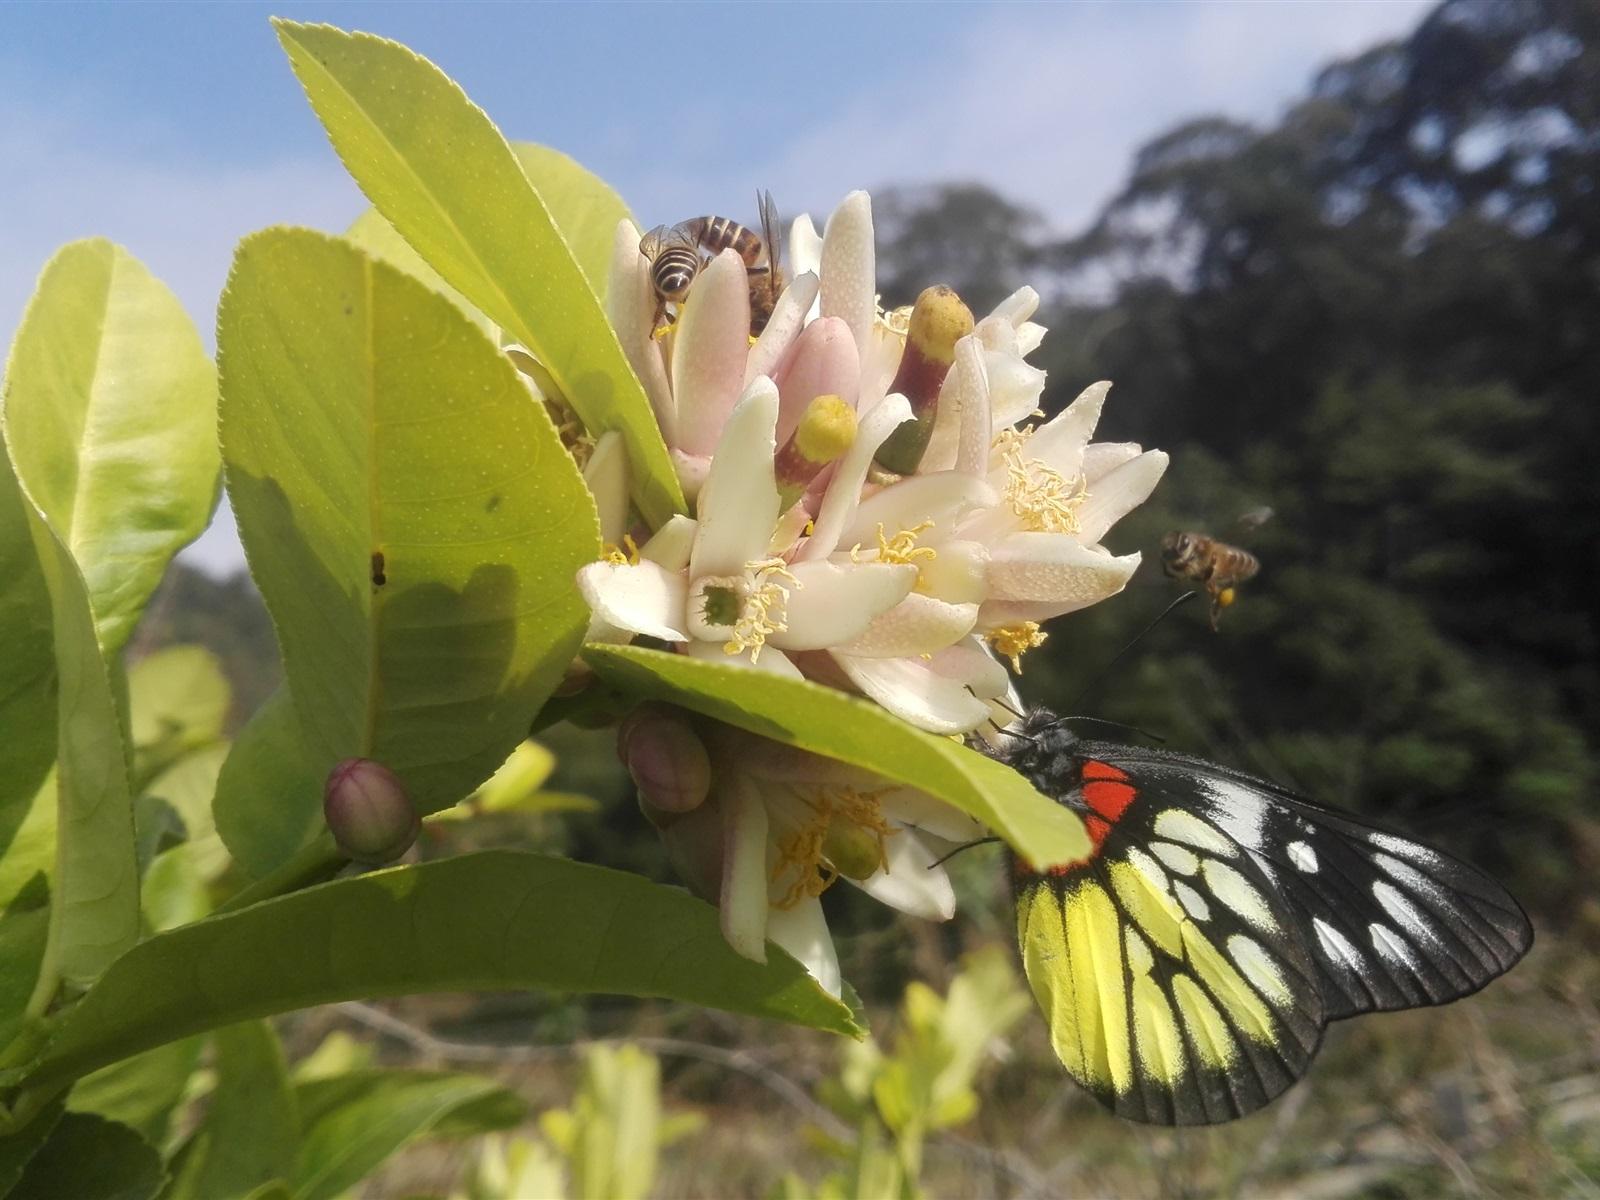 蝴蝶树,花,蛋糕,壁纸恐龙-1600x1200柠檬图片蜜蜂蛋糕